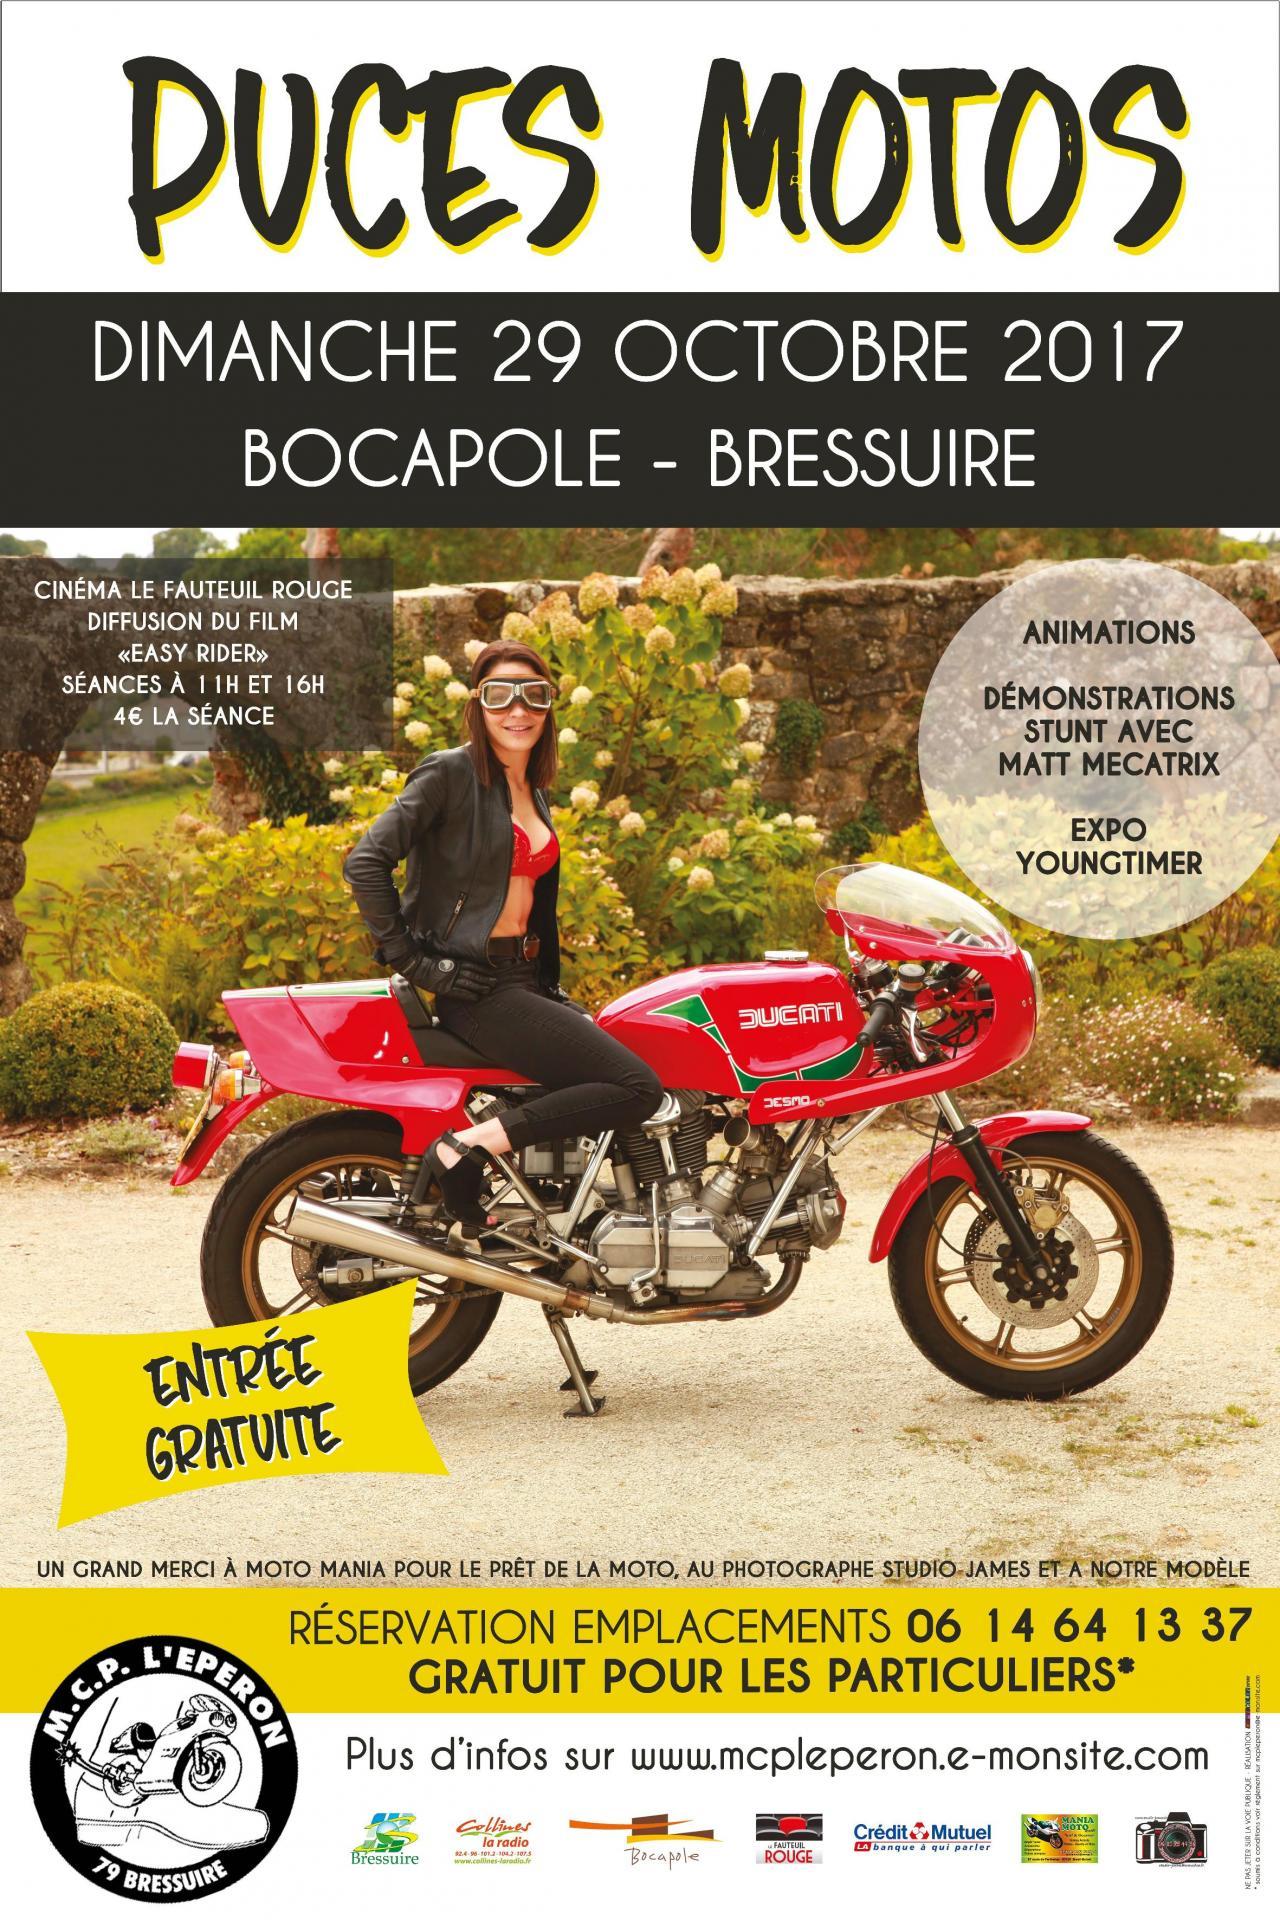 Puces moto Bressuire (79) dimanche 29 octobre 2017 Affiche-puces-2017-definitive-page-001